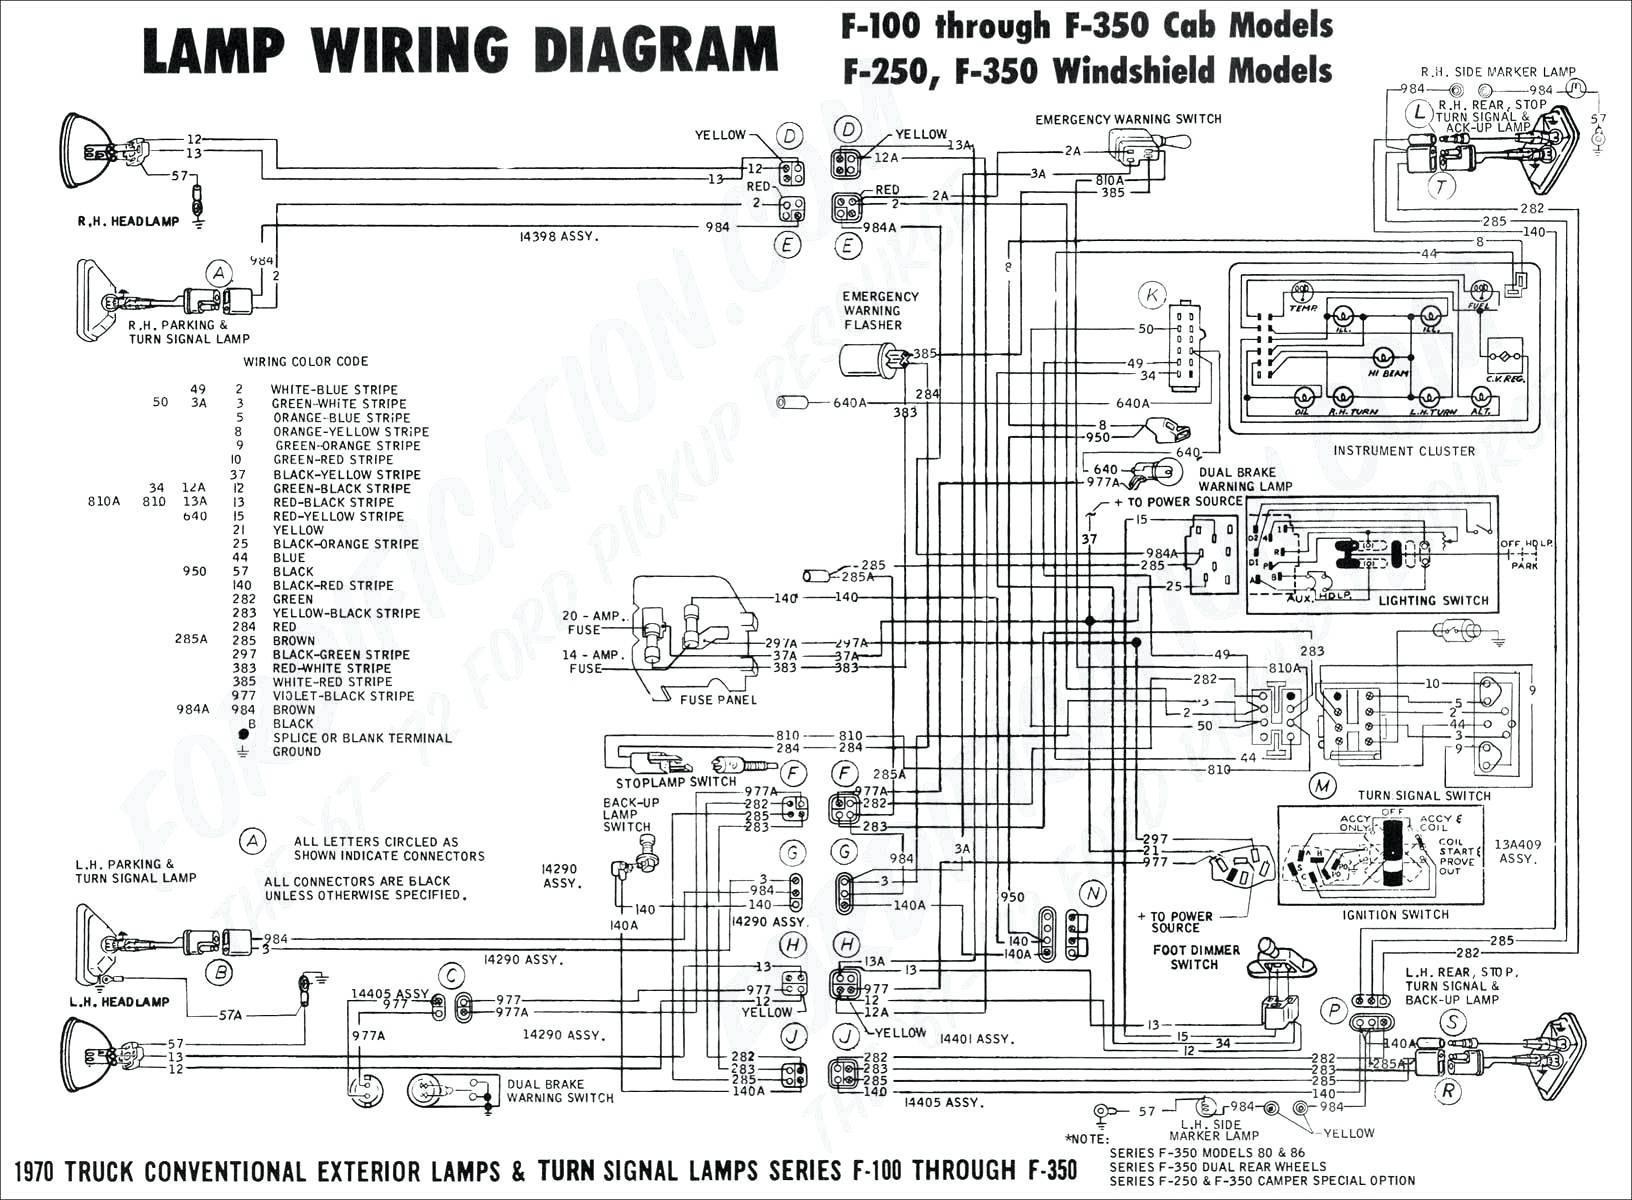 2001 Lincoln town Car Fuse Box Diagram 2003 Mazda 6 Fuse Box Experts Wiring Diagram • Of 2001 Lincoln town Car Fuse Box Diagram